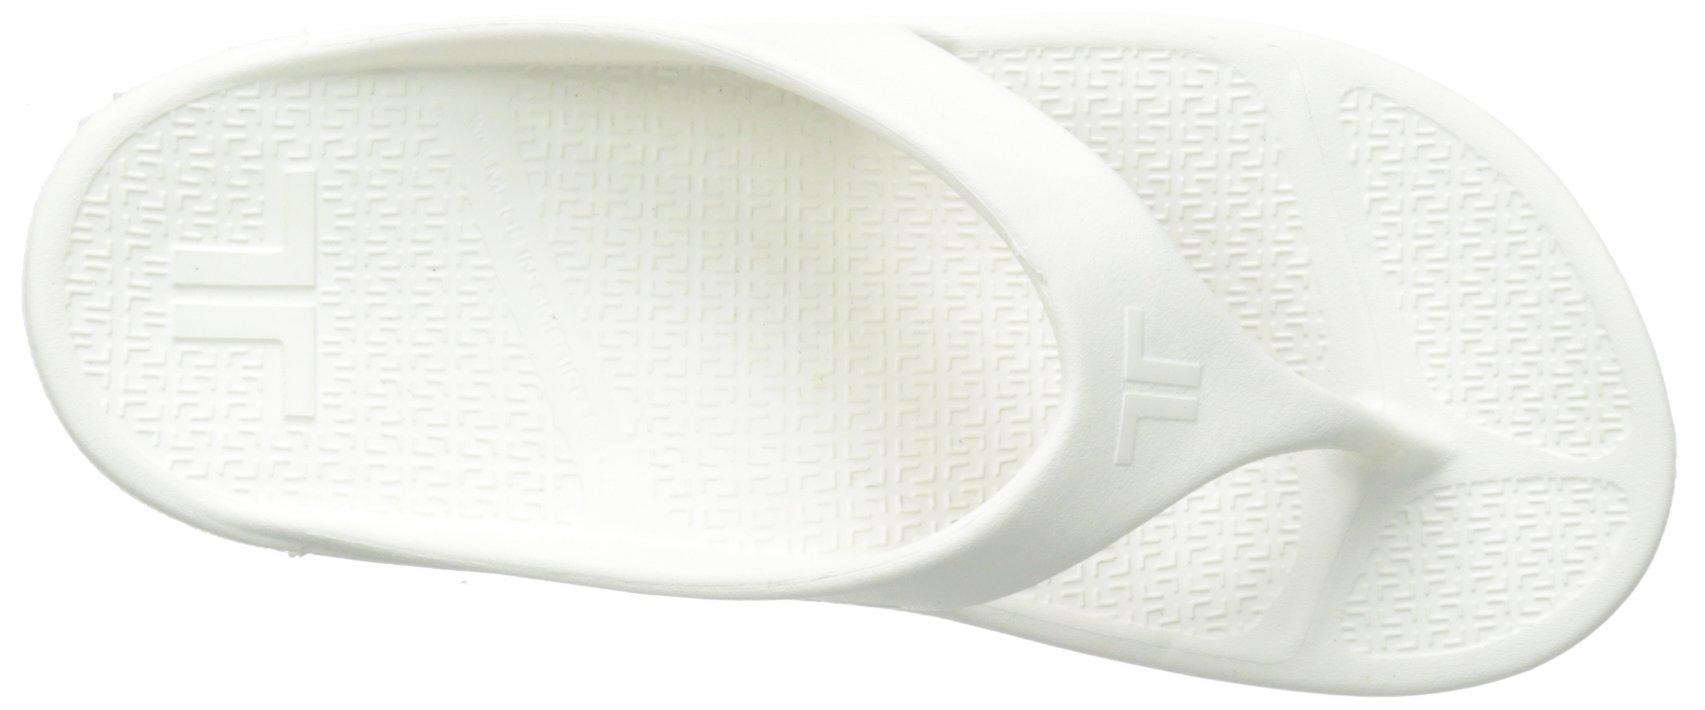 06b10f124709 Flip Flop Soft Sandal Shoe Footwear by Telic